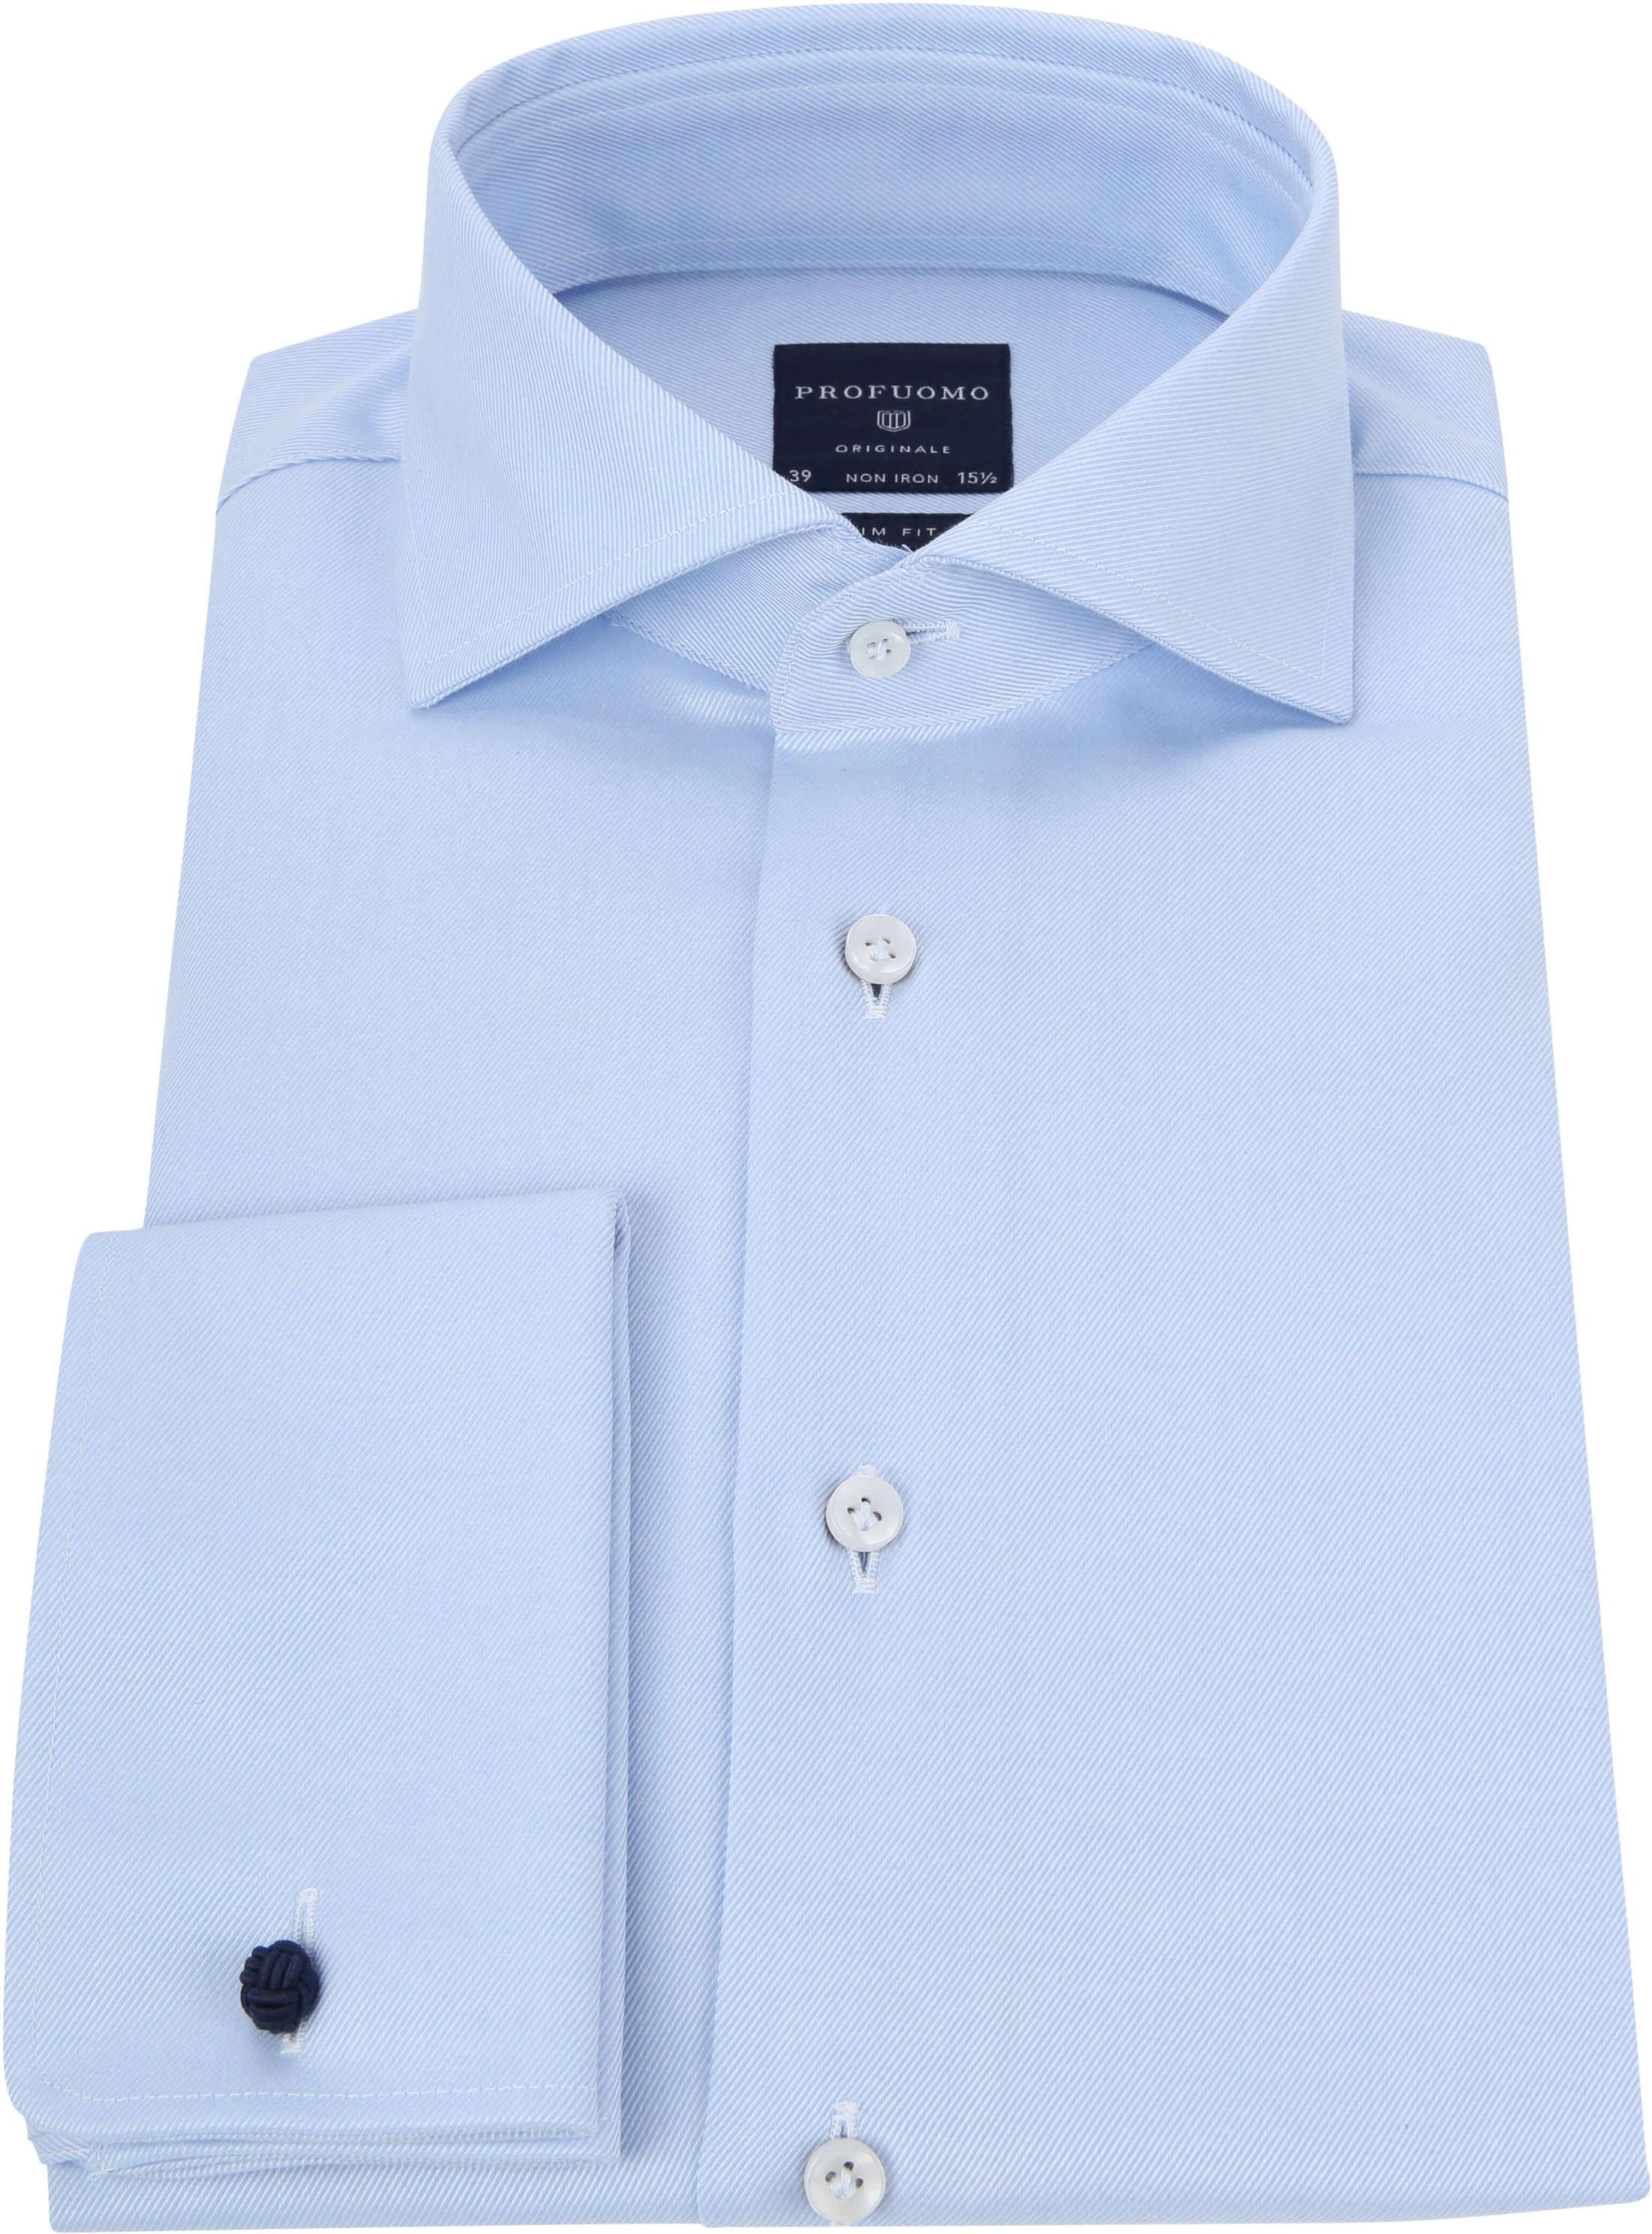 Profuomo Shirt Cutaway Double Cuff Blue foto 2